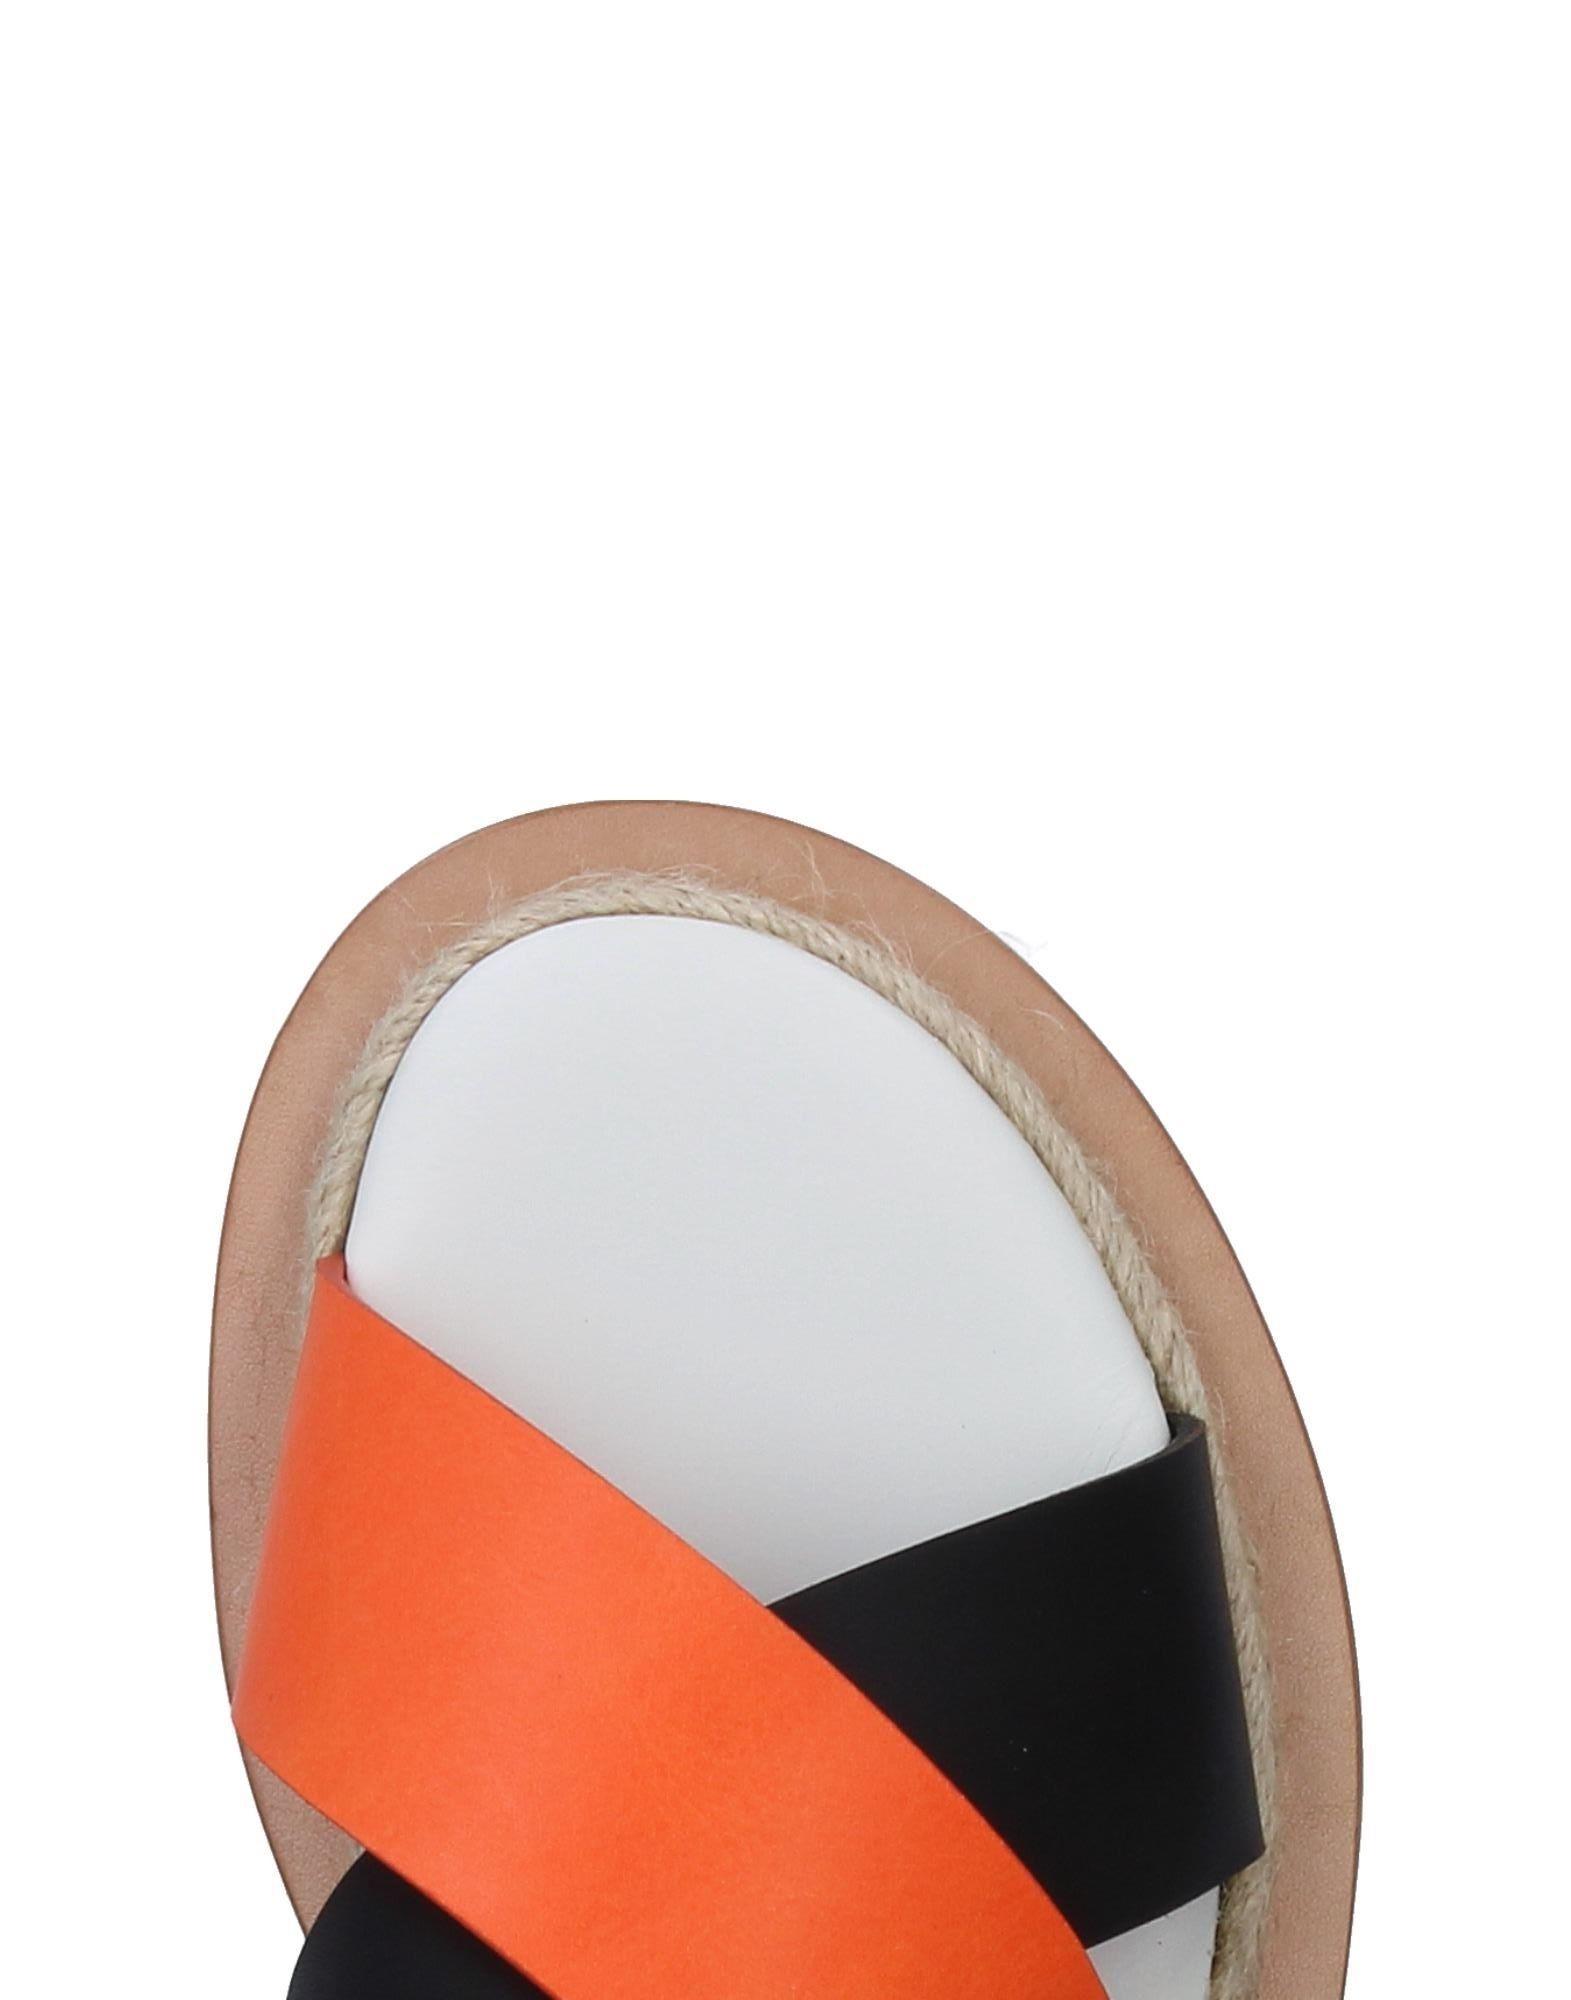 Antonio Marras + Pdo Sandalen Heiße Damen  11339753BT Heiße Sandalen Schuhe 84d88c